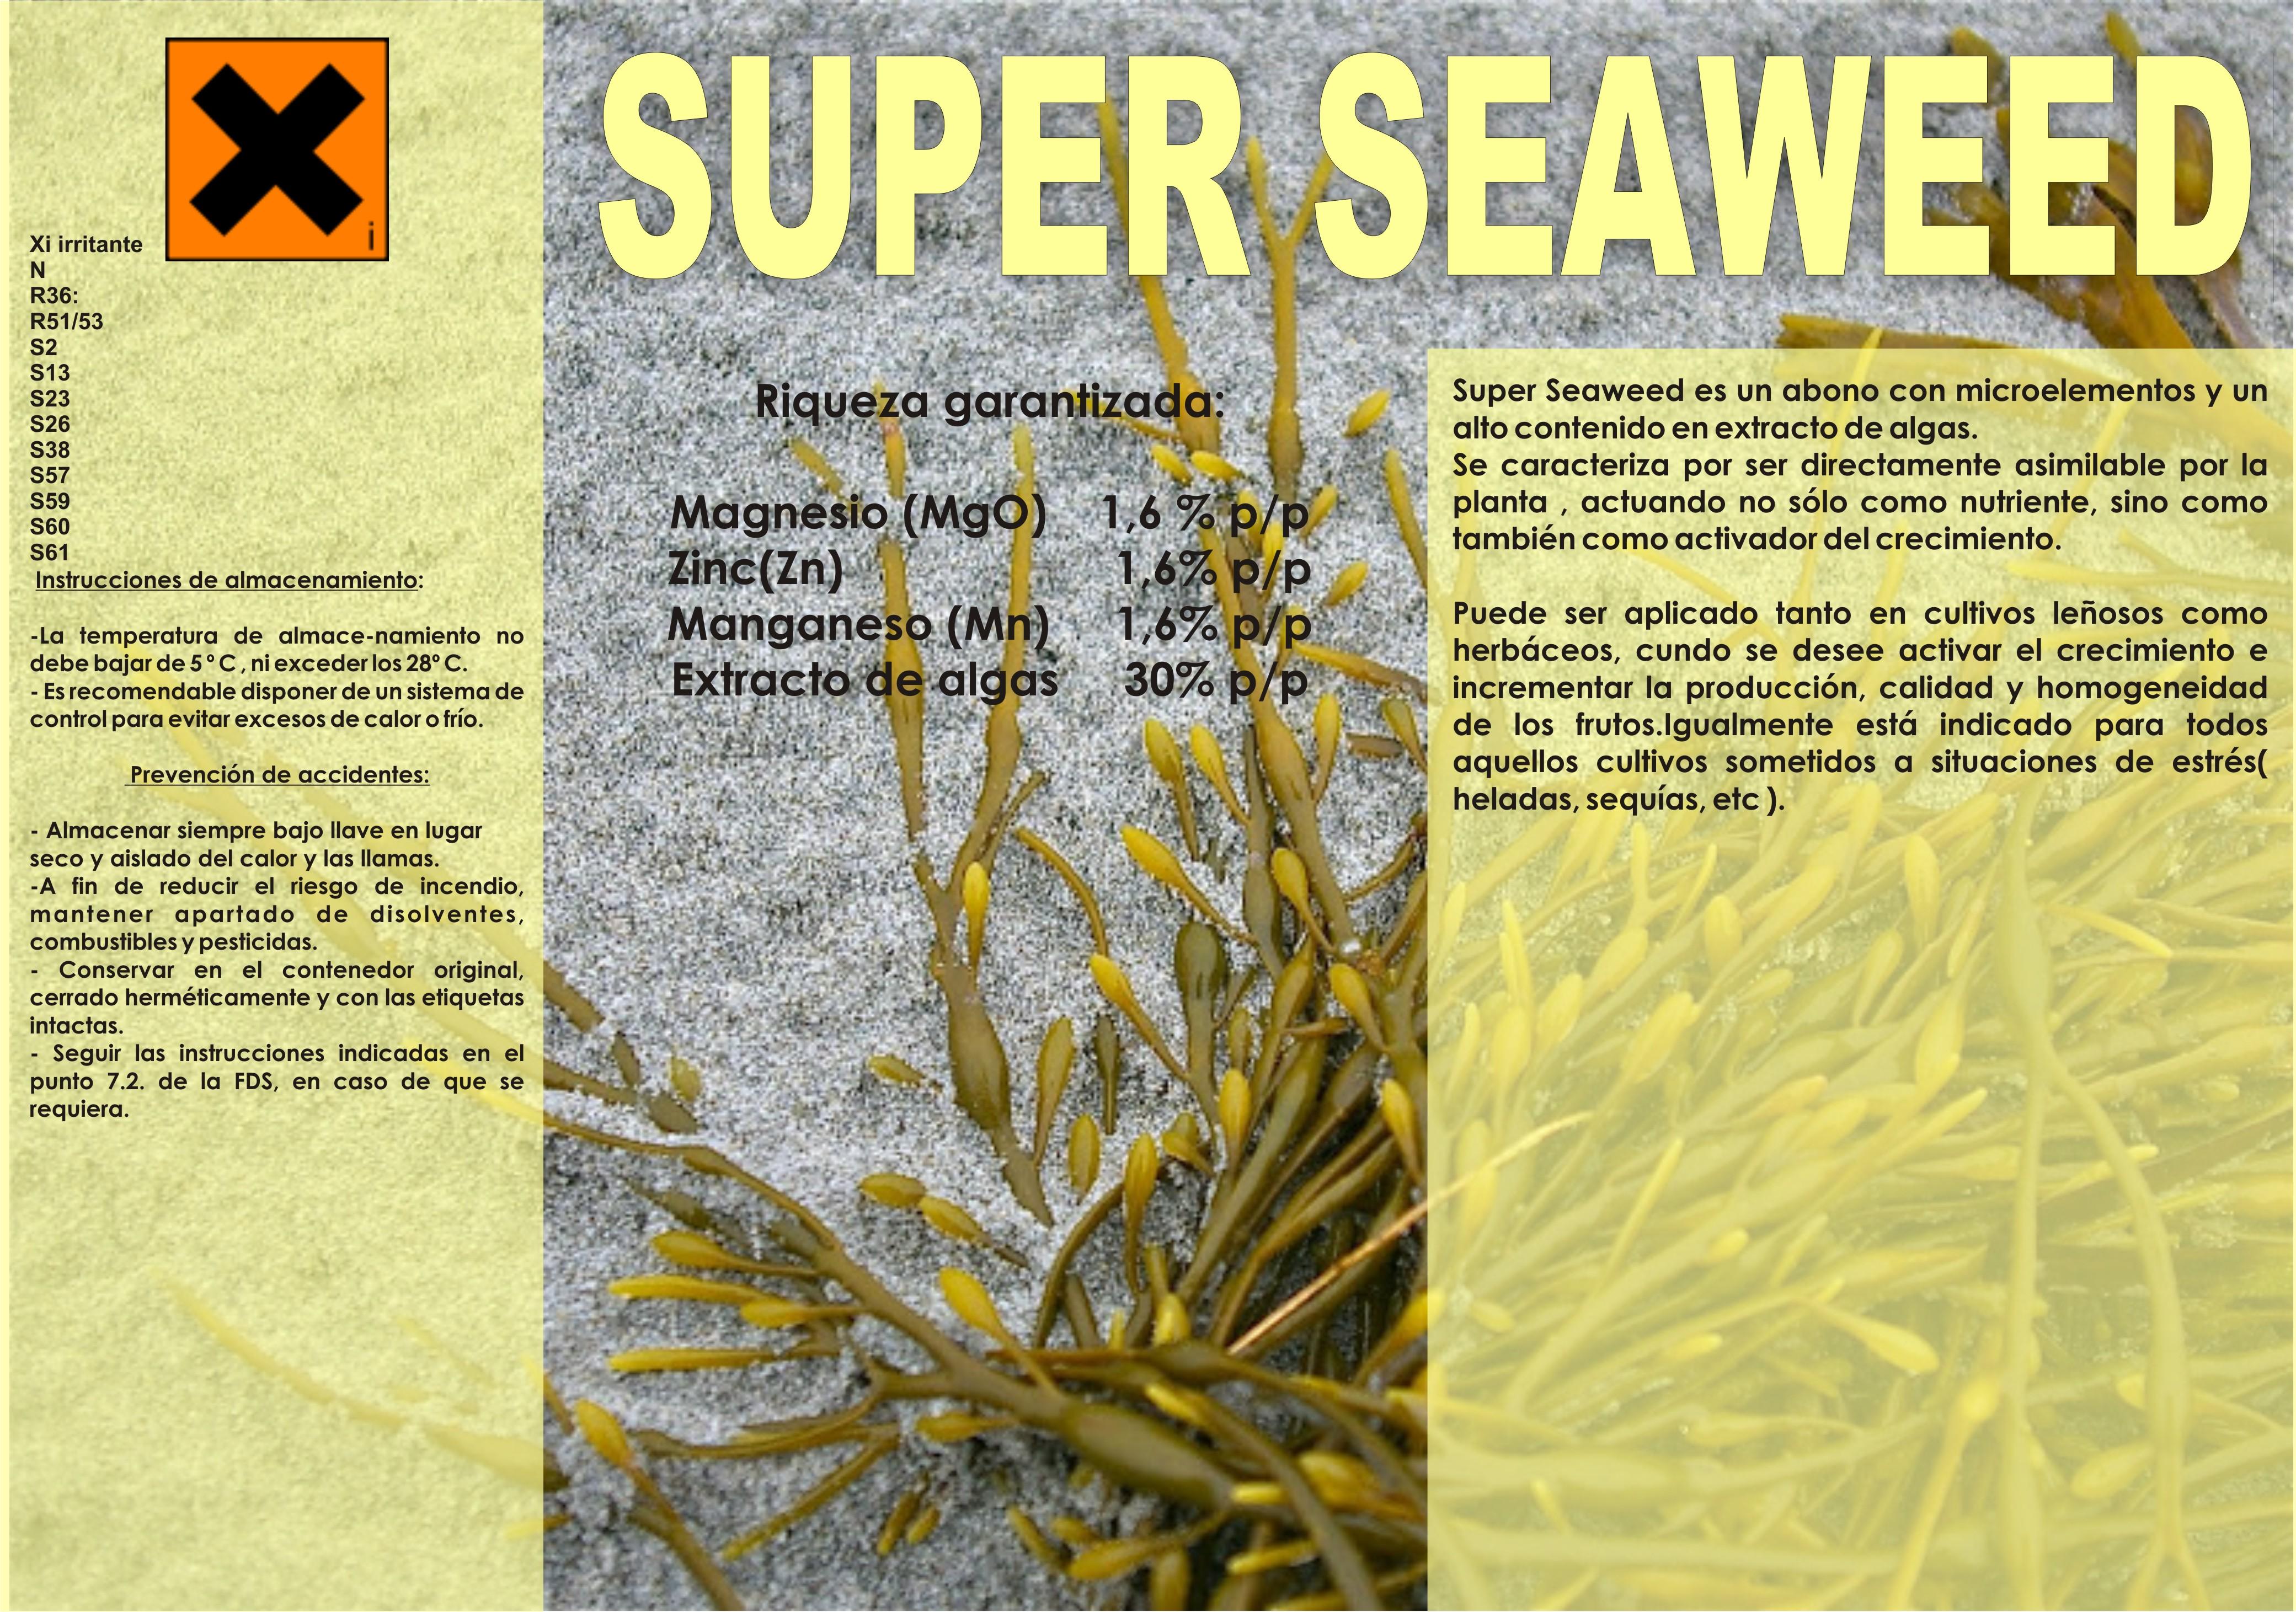 SUPER SEAWEED/ Promotor de crecimiento